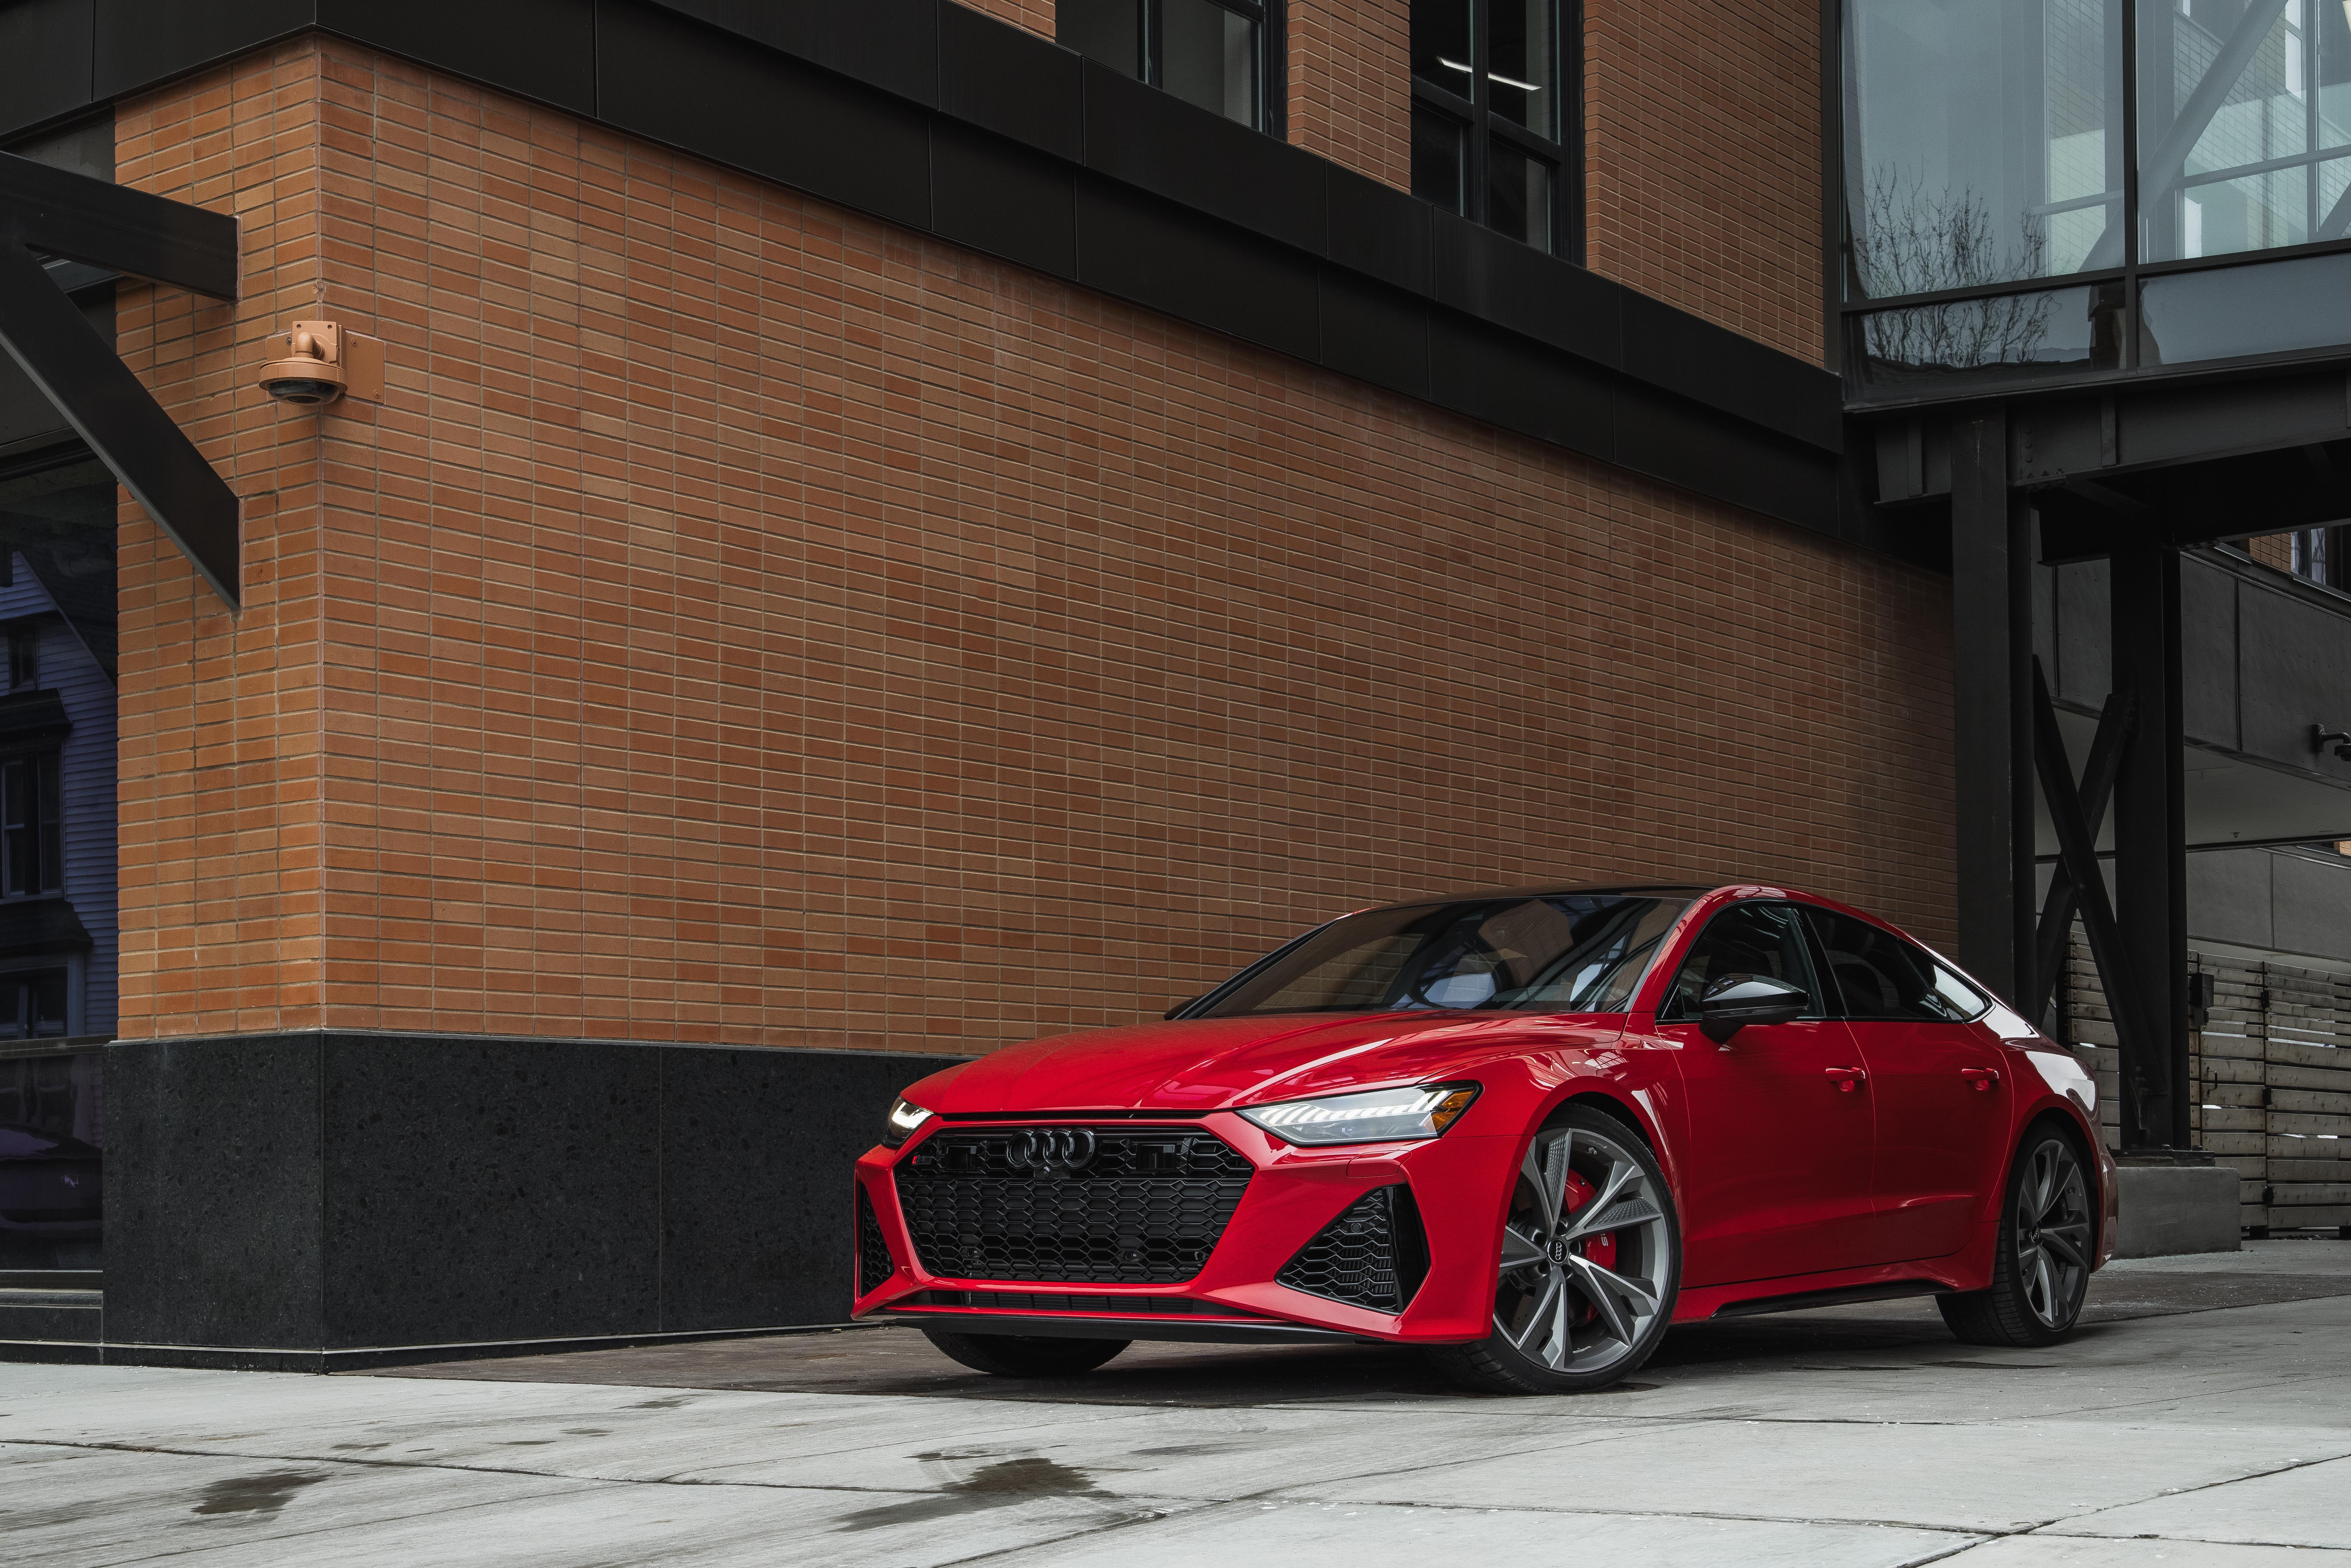 Kelebihan Kekurangan Audi Auto Perbandingan Harga